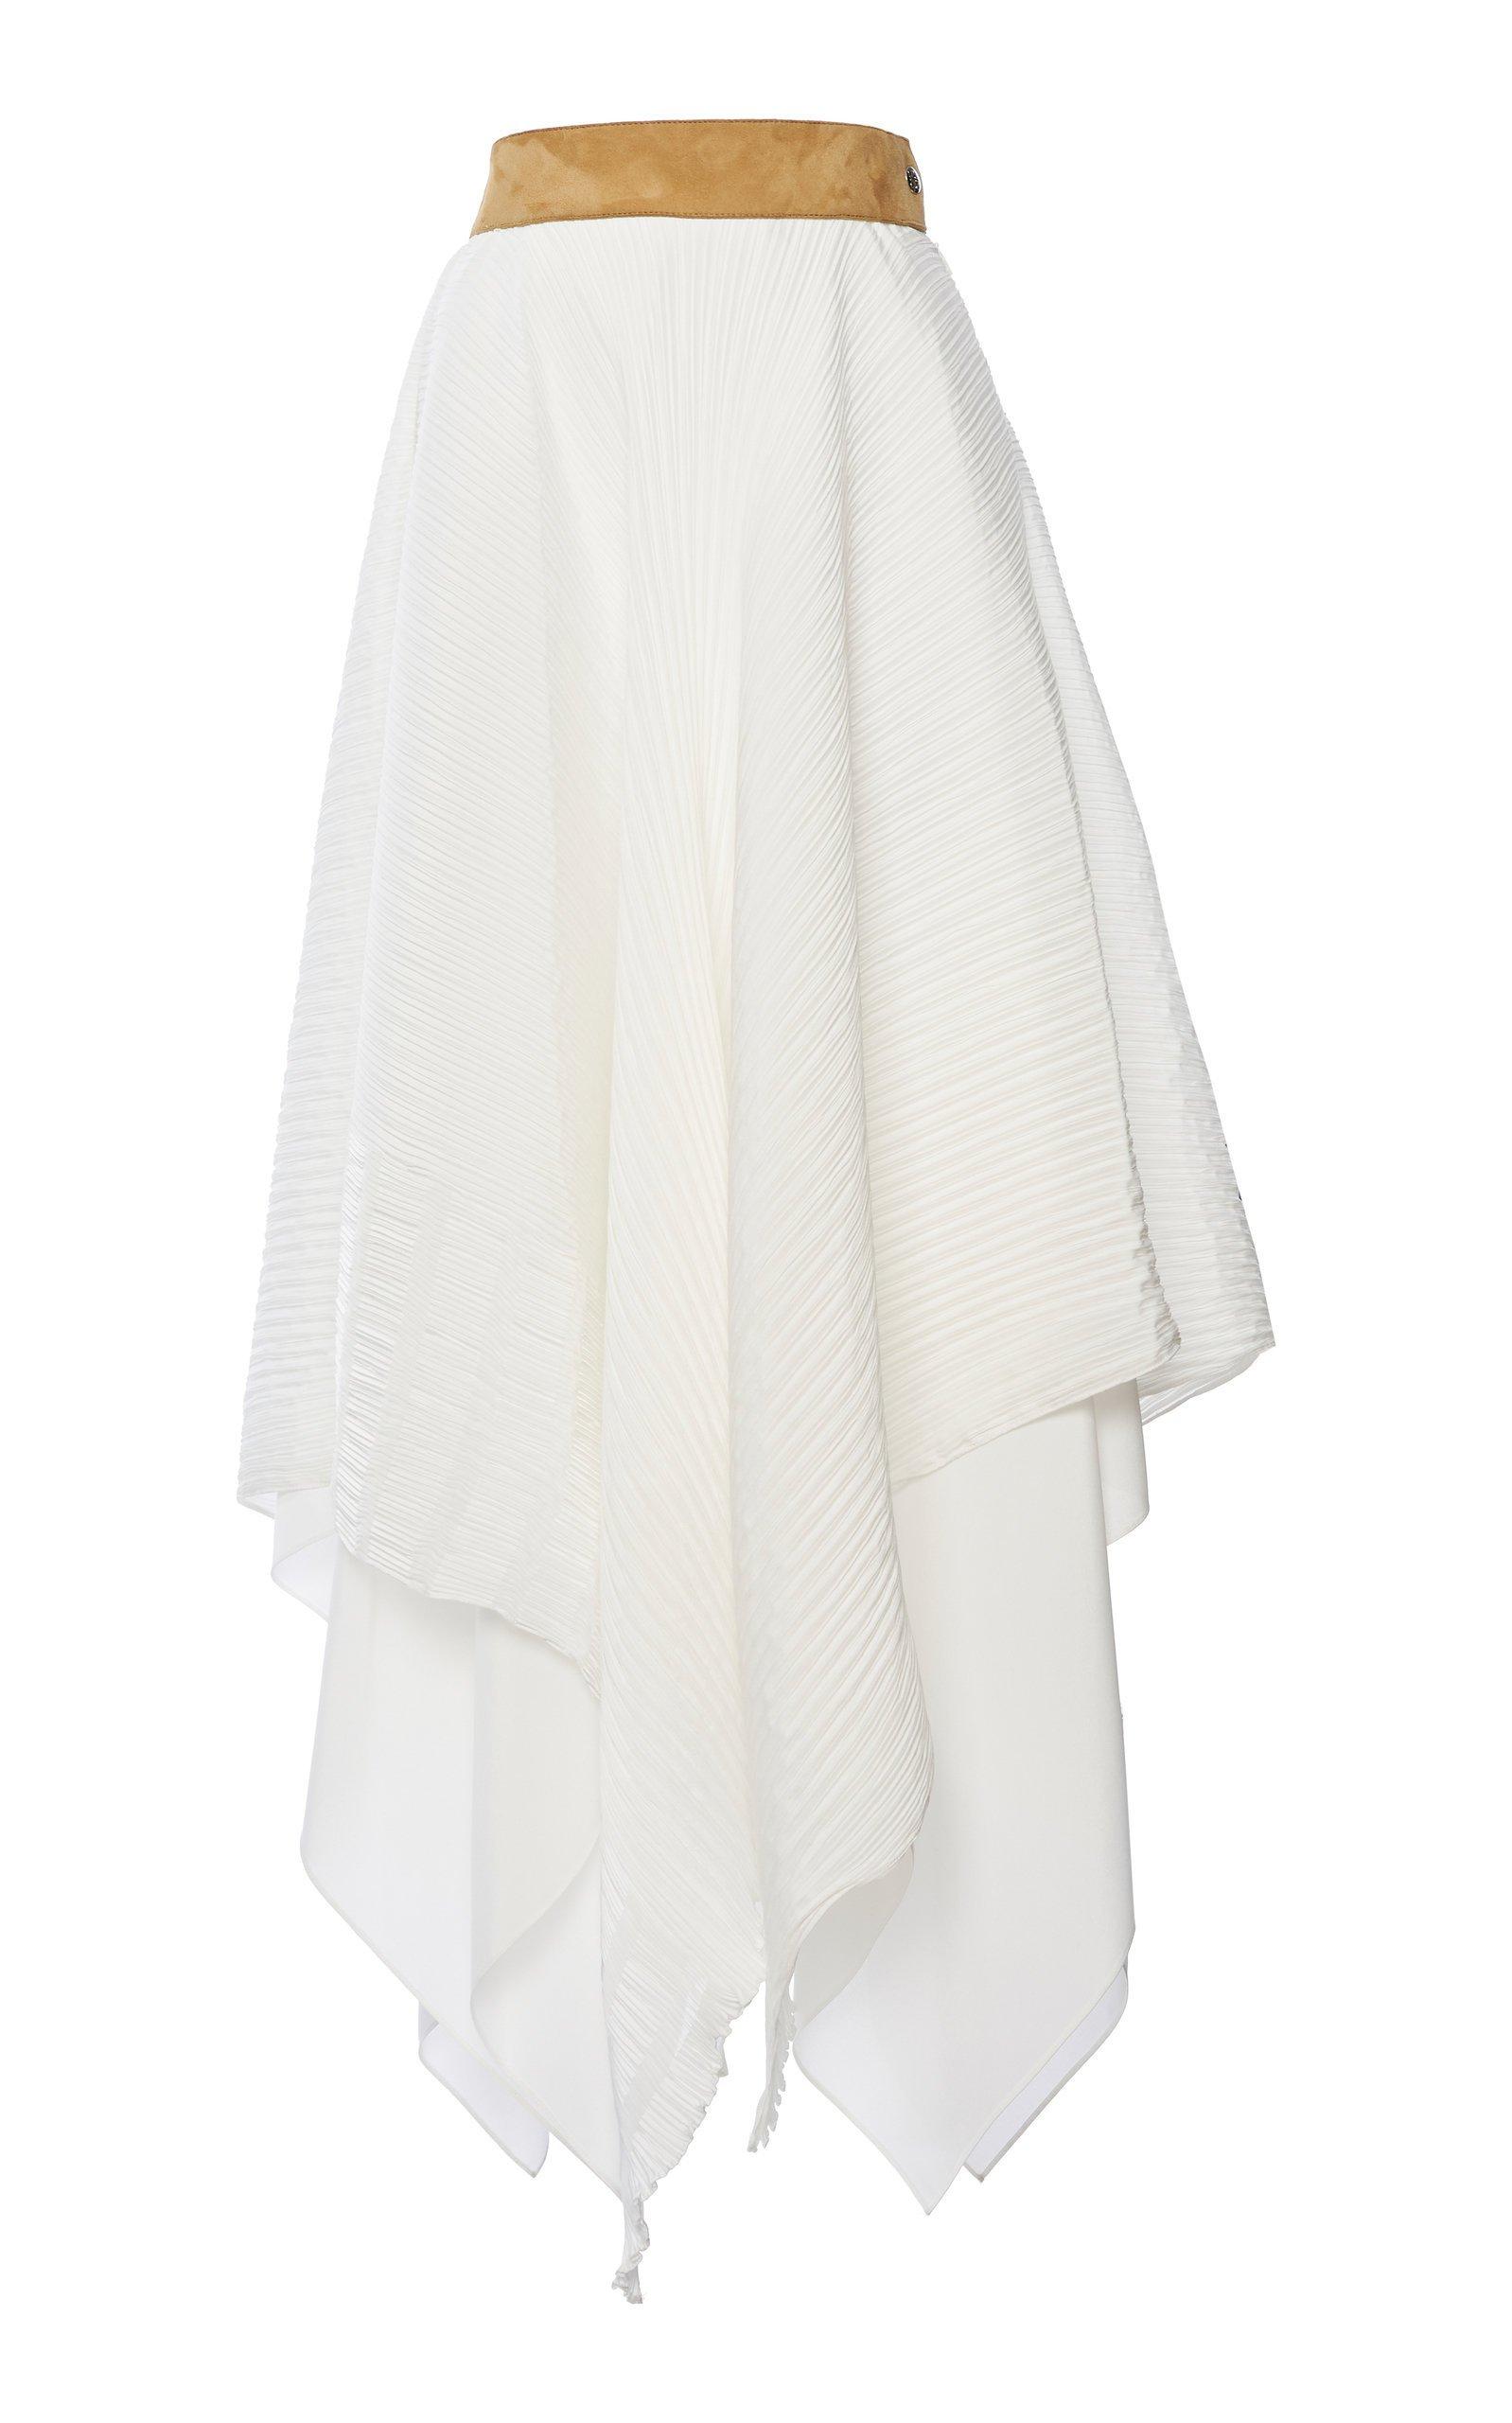 Loewe Plissé Asymmetric Skirt Size: 34